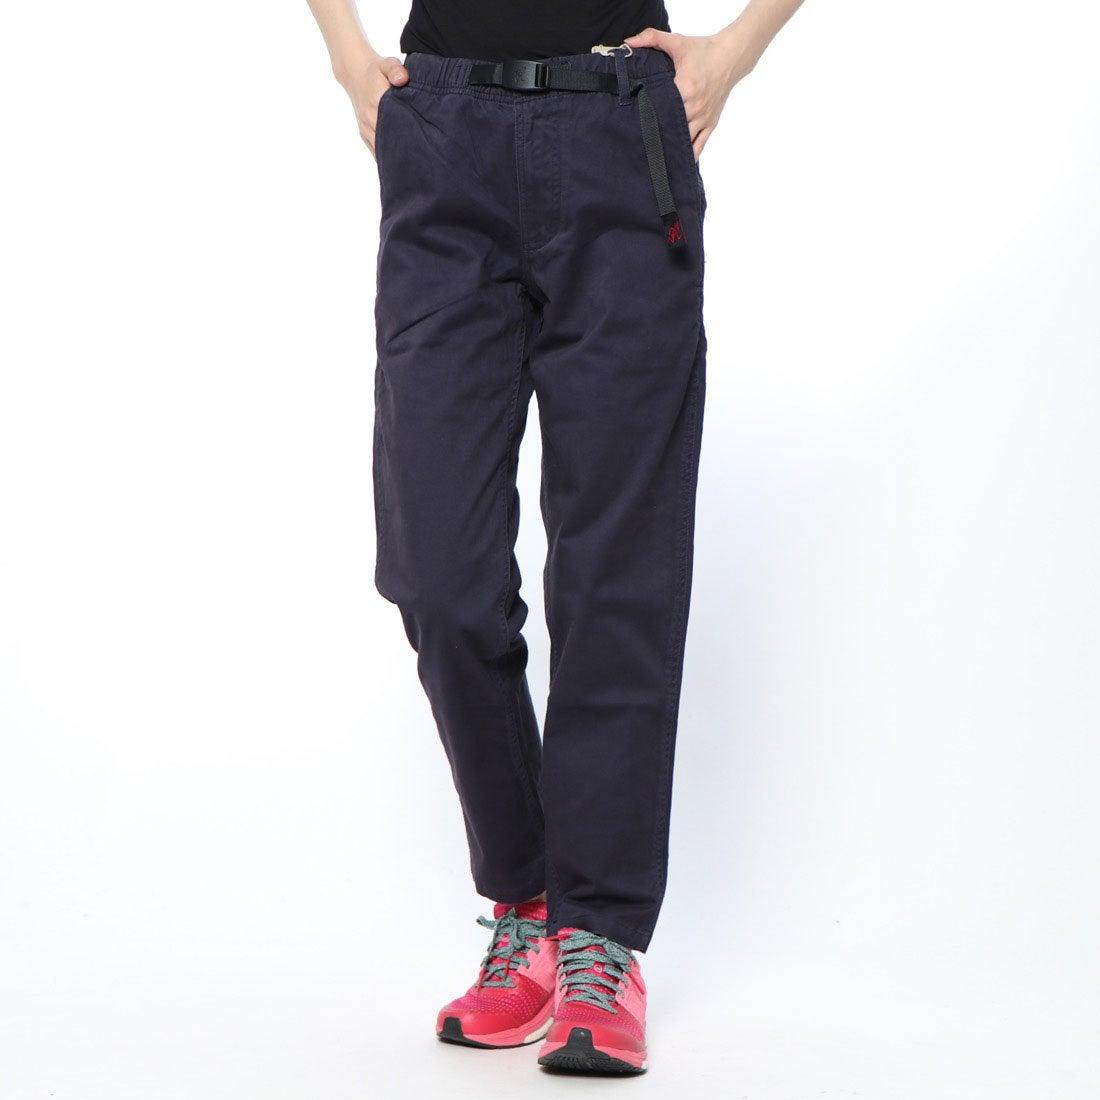 ロコンド 靴とファッションの通販サイトグラミチ GRAMICCI レディース アウトドア ロングパンツ W'S TAPERED CROPPED PANTS 8160-FDJ